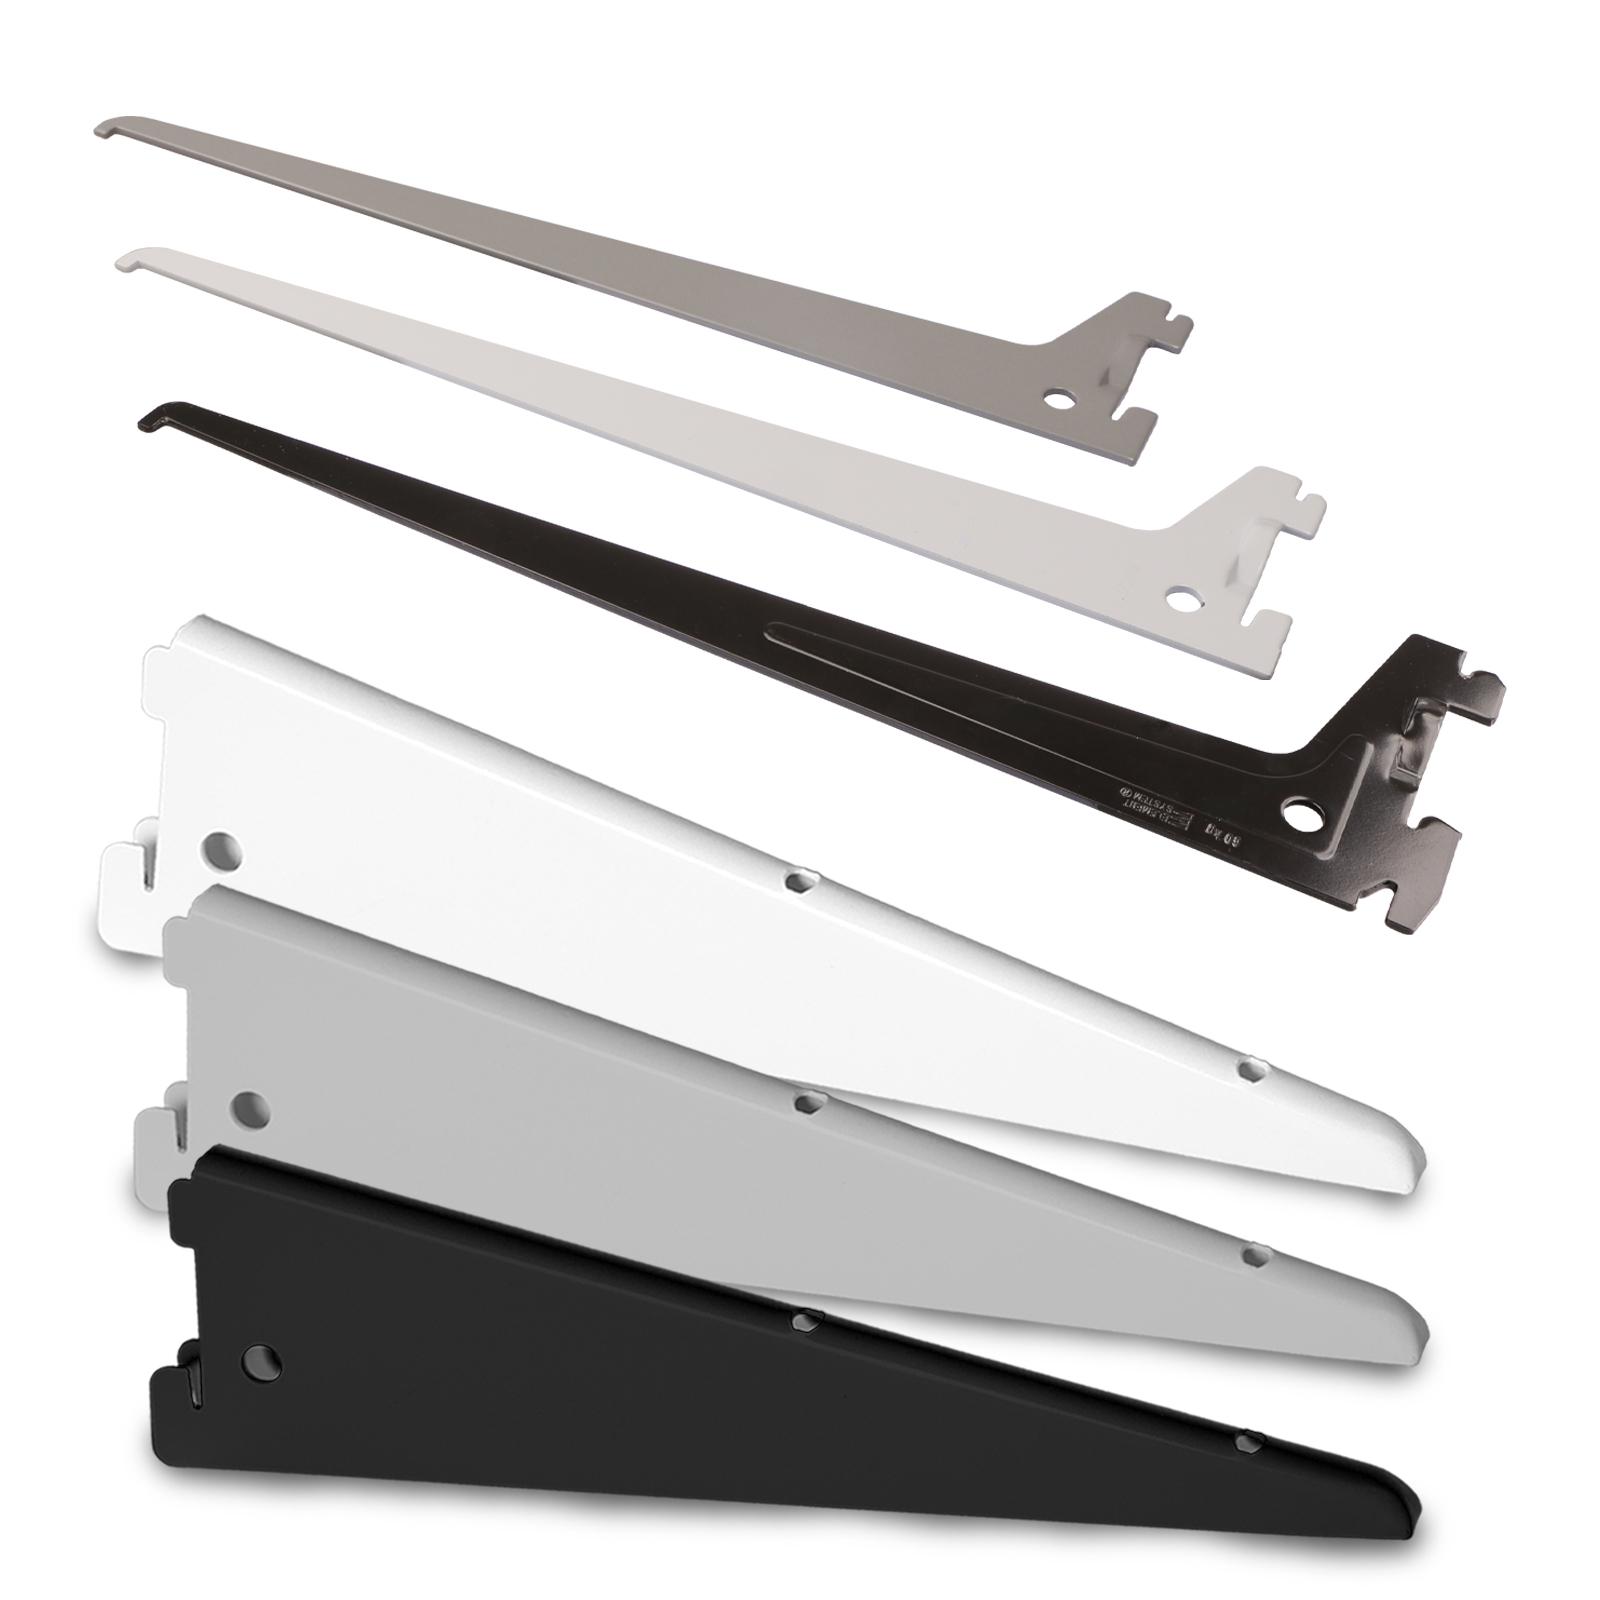 4 Regalhalter Konsolen weiß oder schwarz lackiert Massiv //f.Wandregal